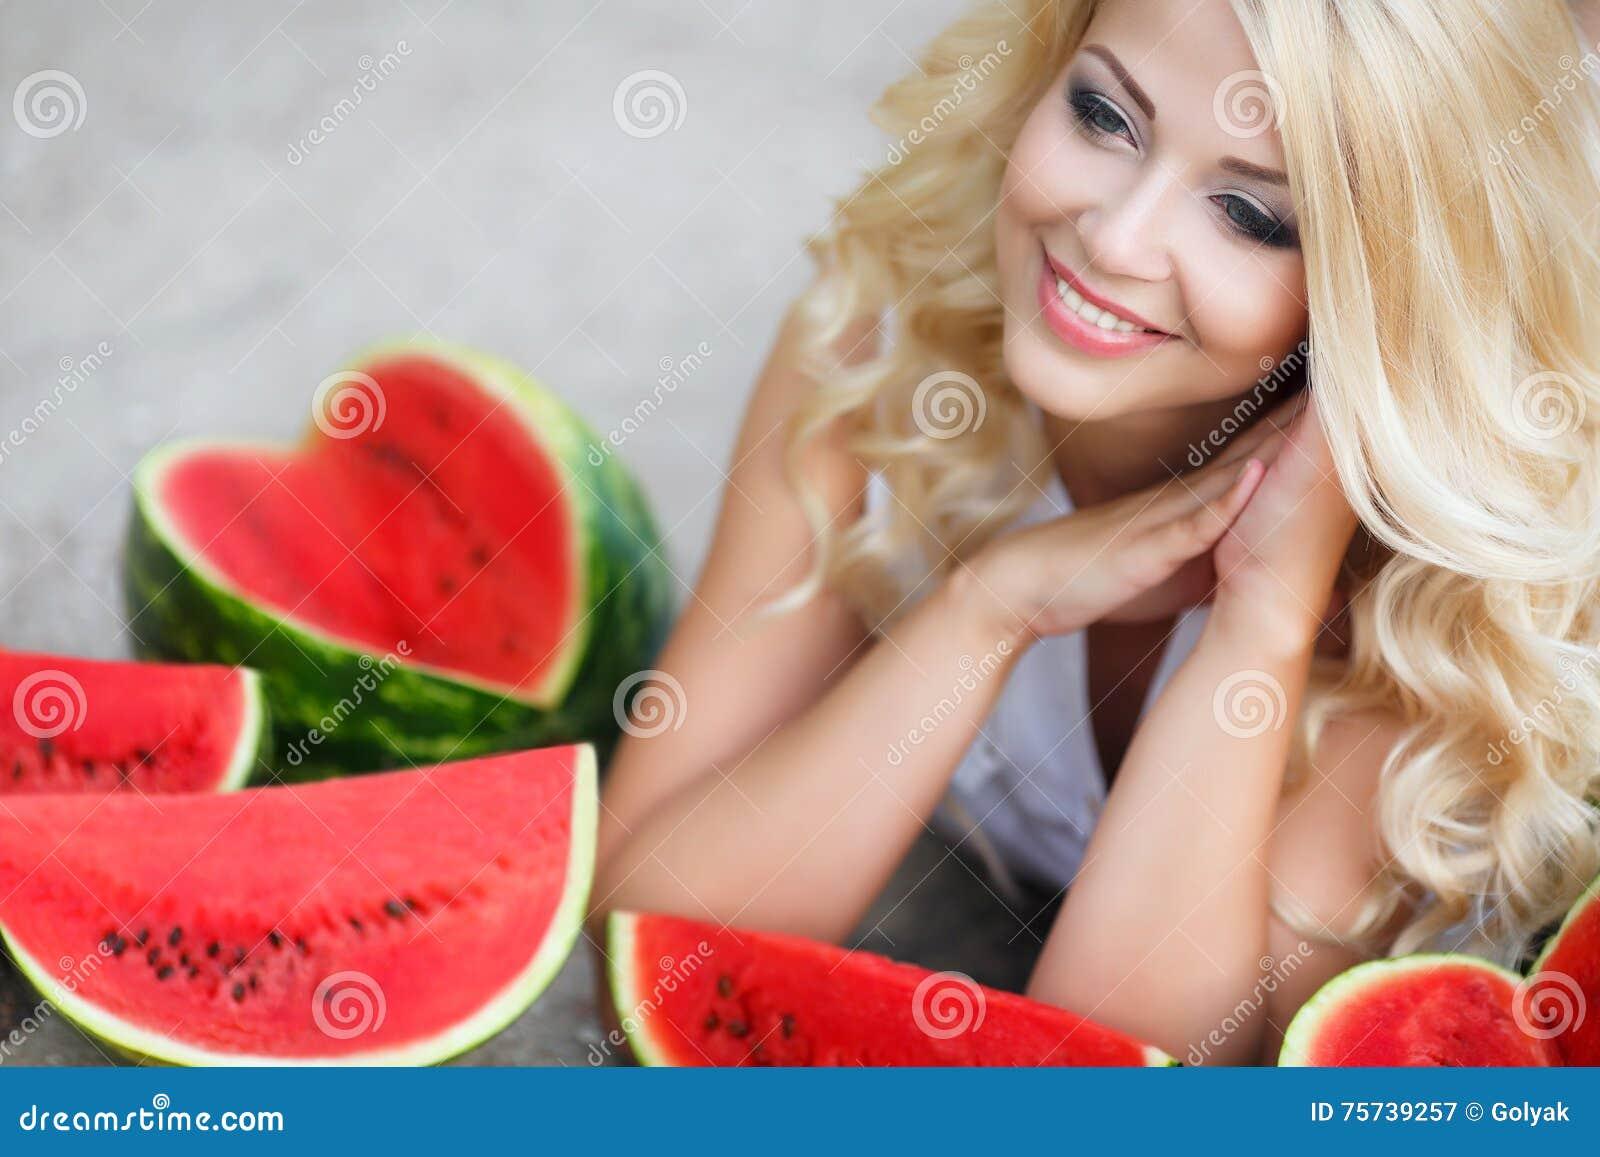 Όμορφη νέα γυναίκα που κρατά μια φέτα του ώριμου καρπουζιού